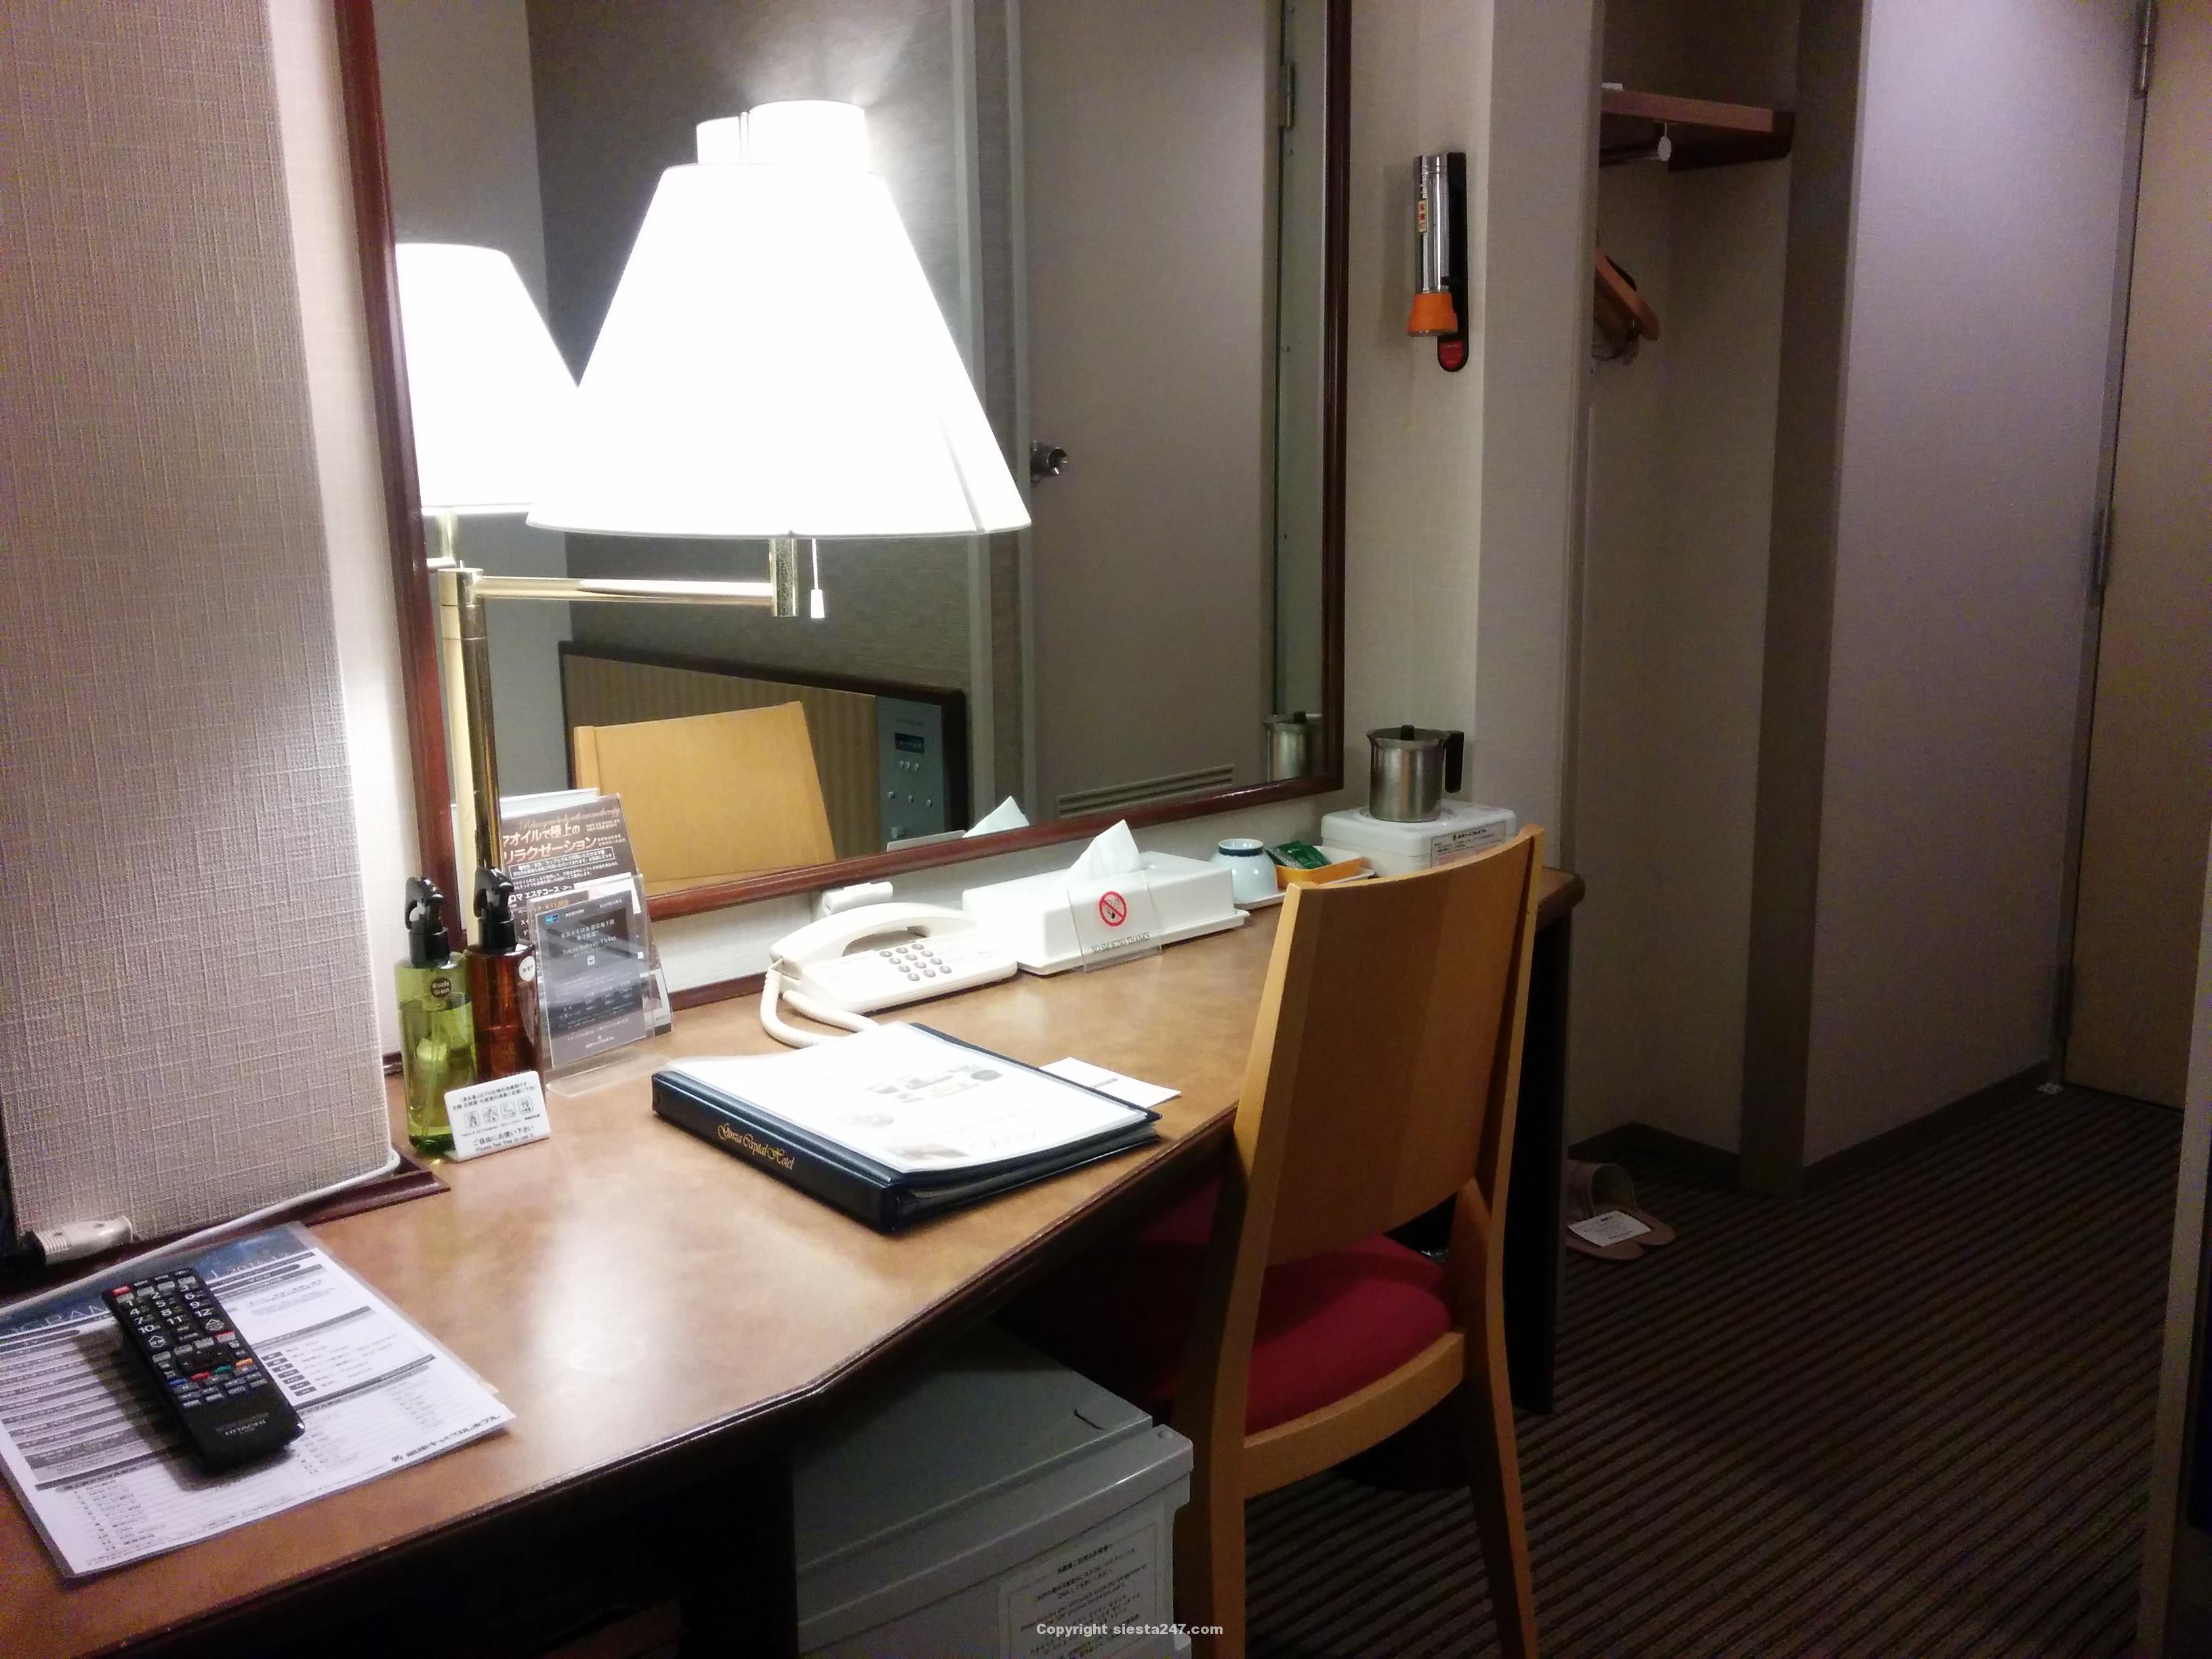 銀座キャピタルホテル本館のデスク周り。